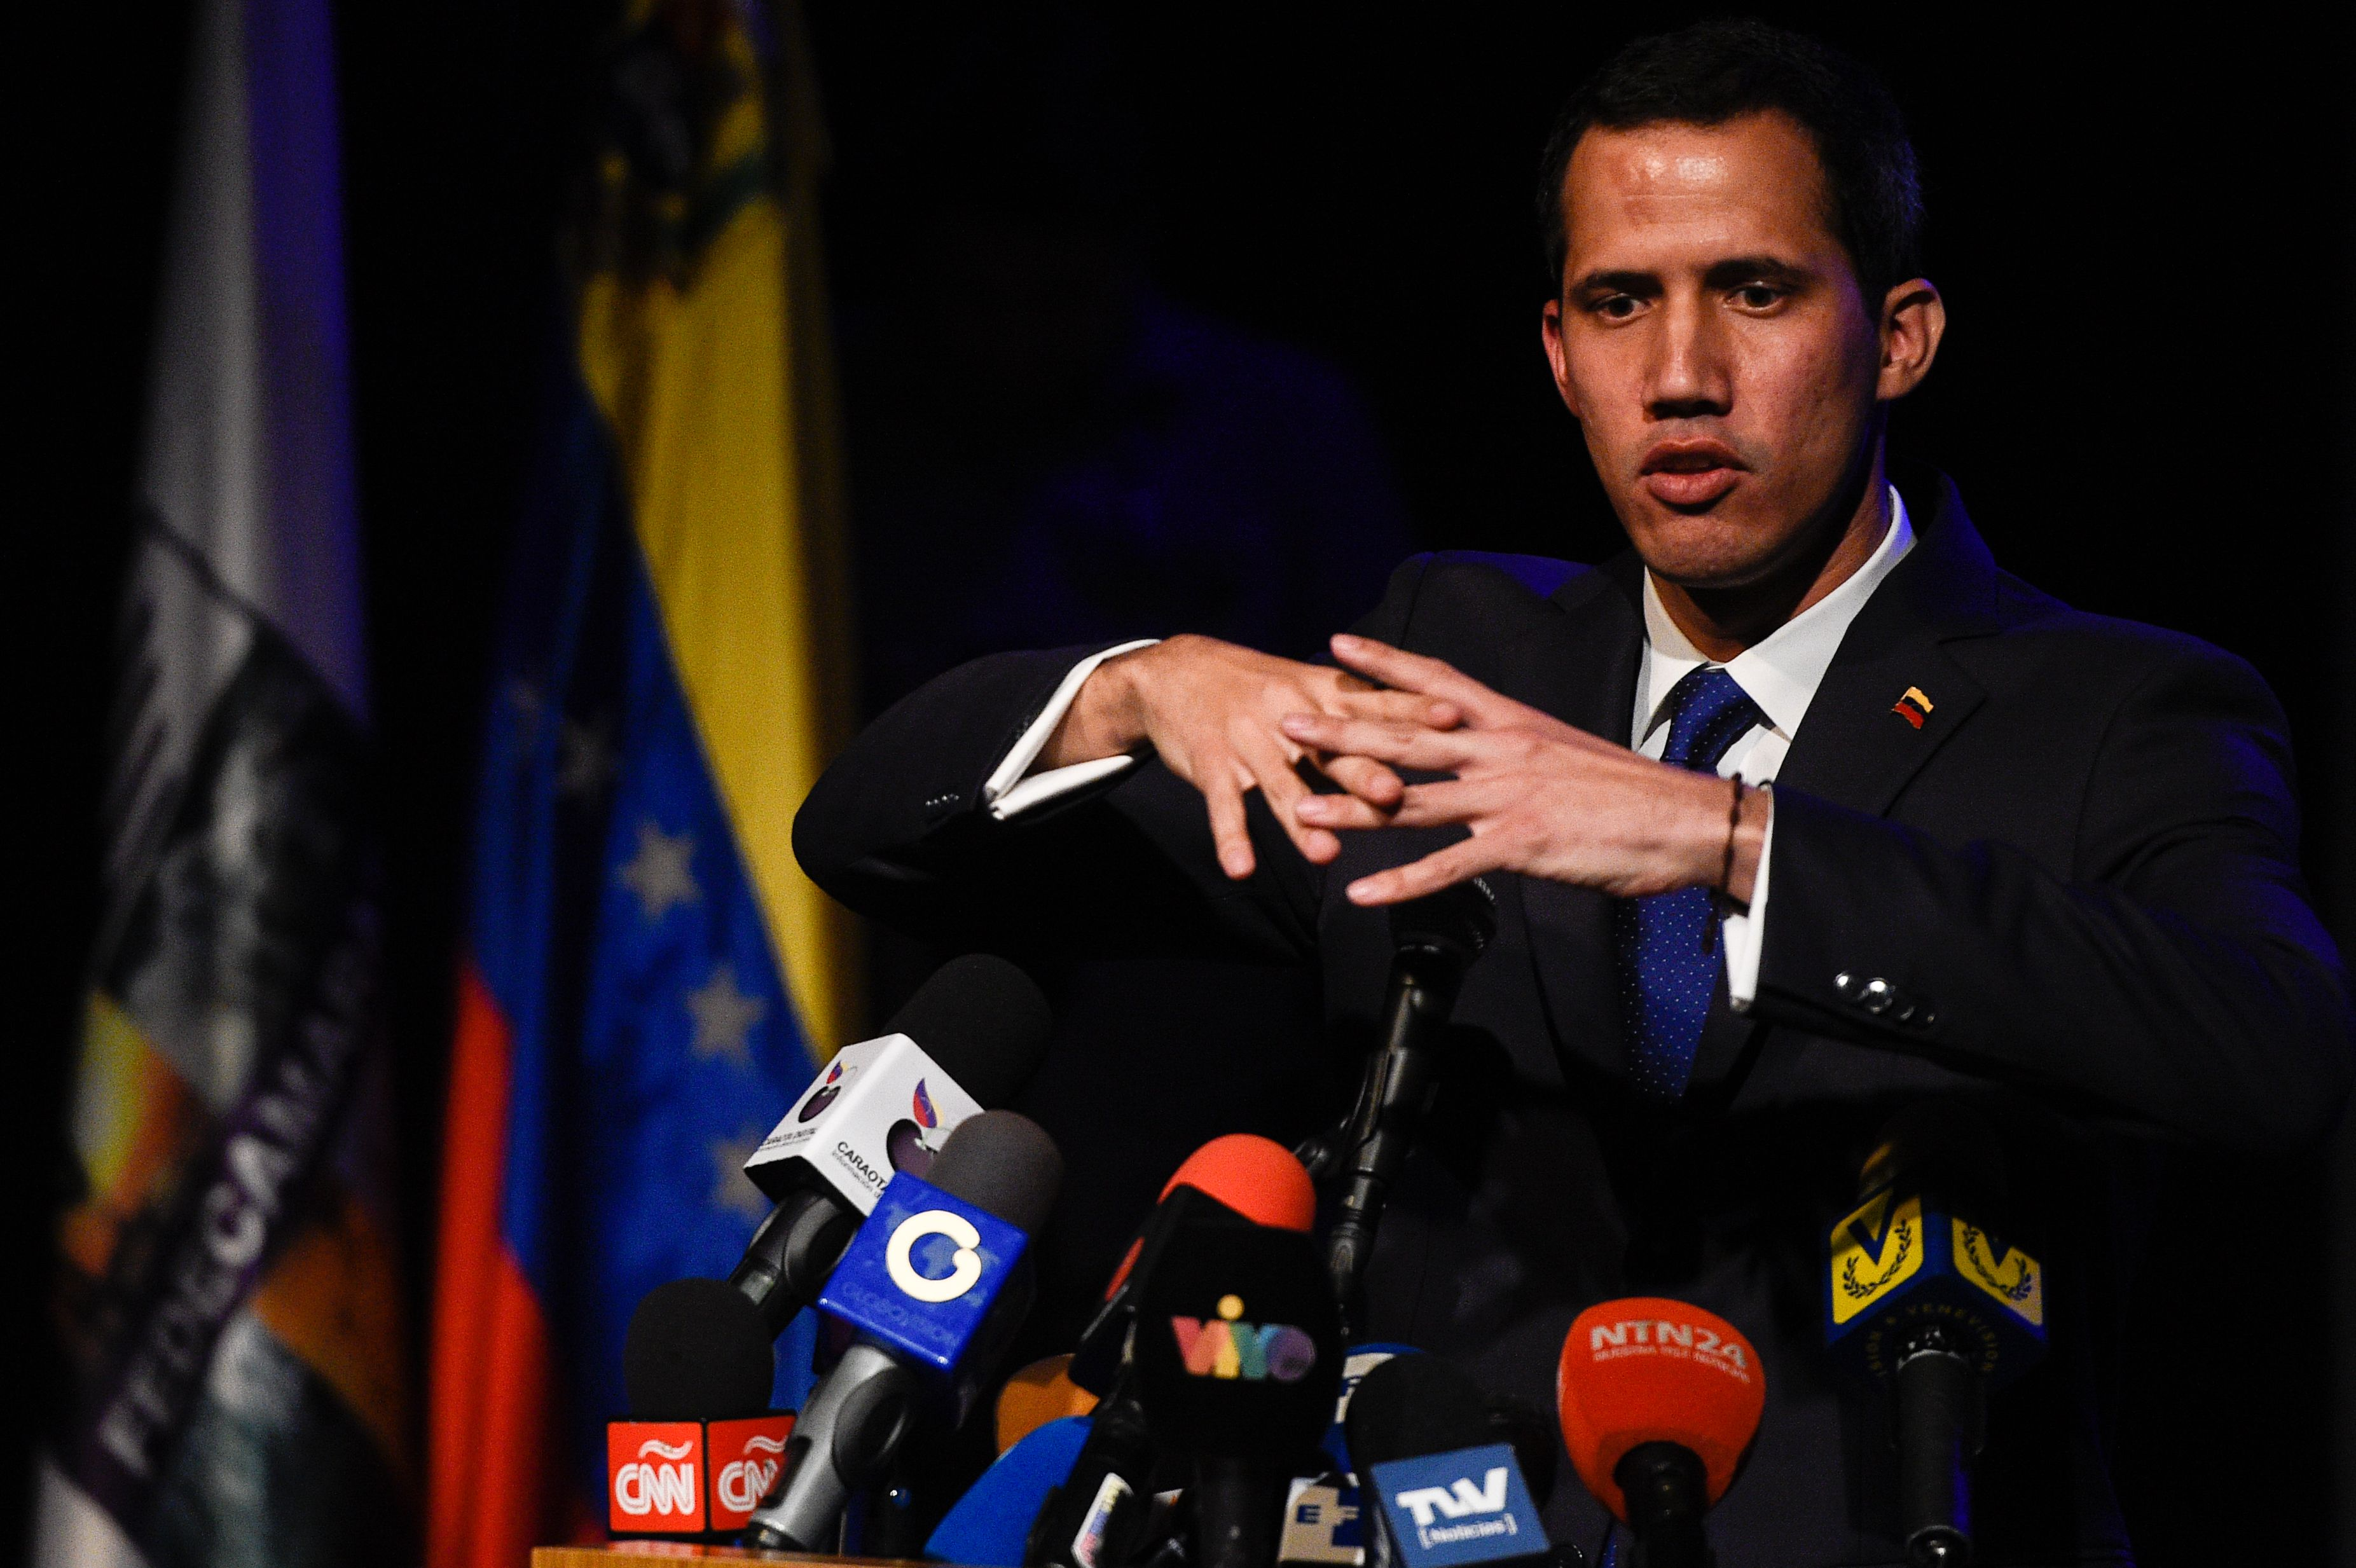 El opositor autoproclamado presidente de Venezuela está sustituyendo embajadores en los países que lo aceptan como mandatario. (Foto Prensa Libre: AFP)